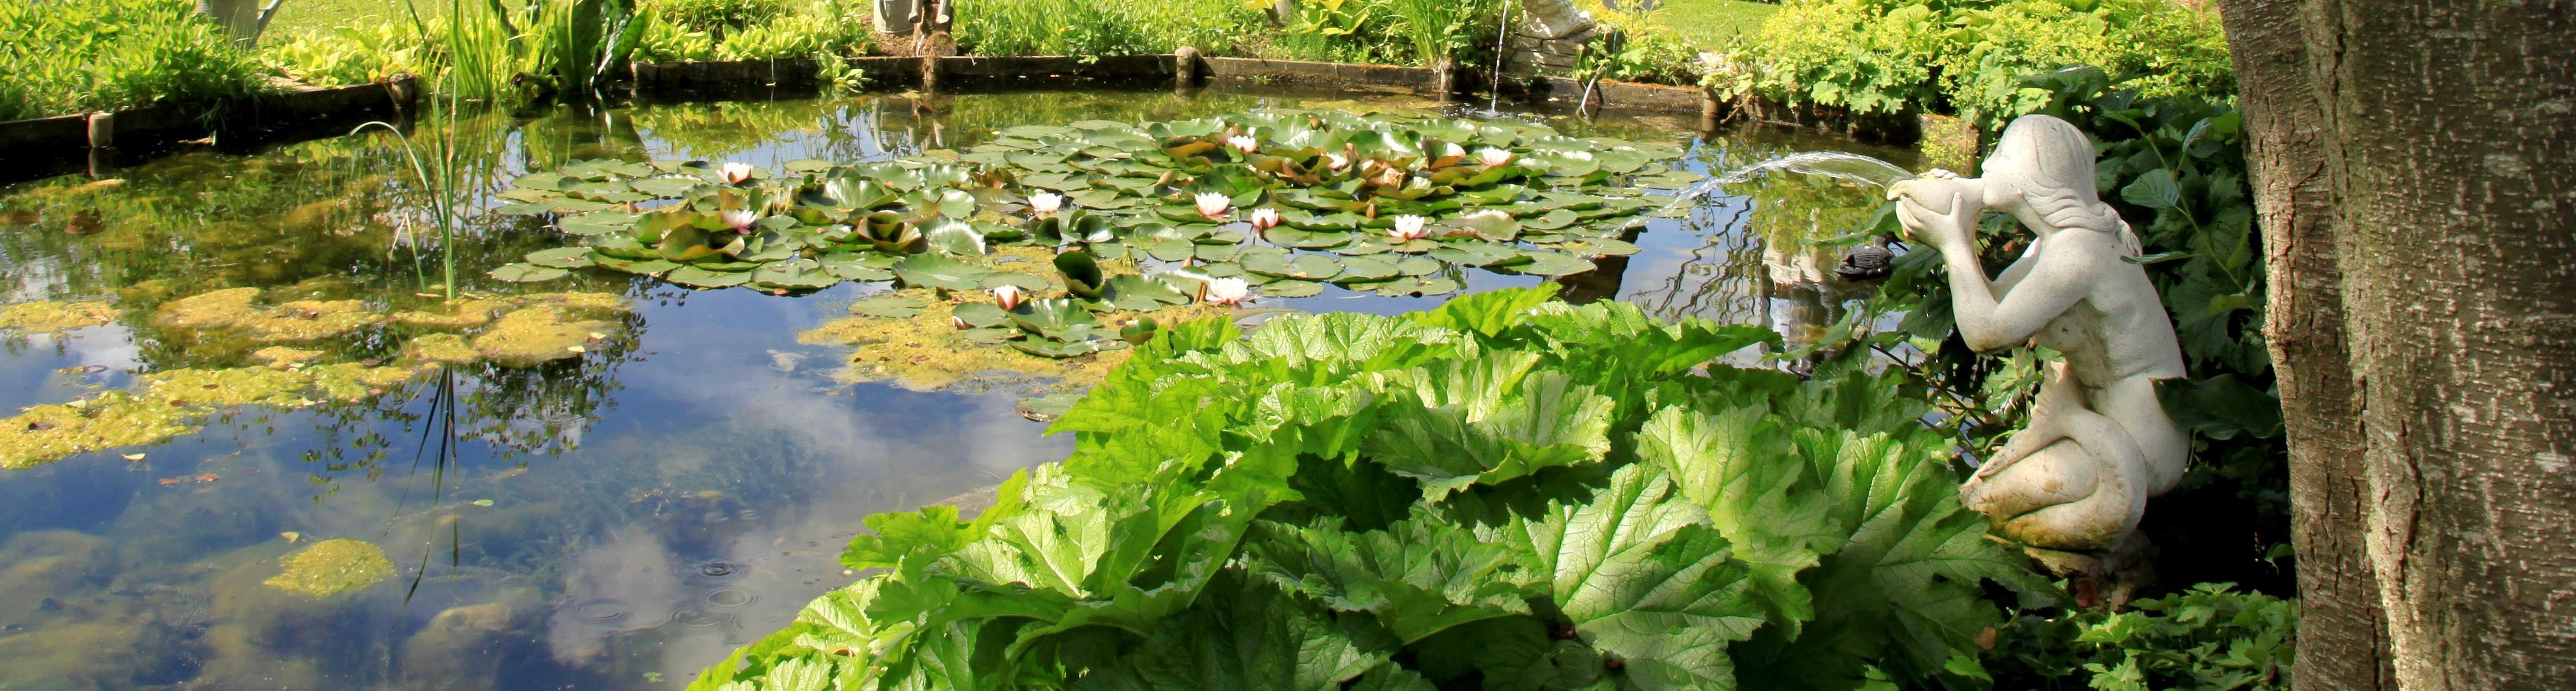 banniere jardin paisible